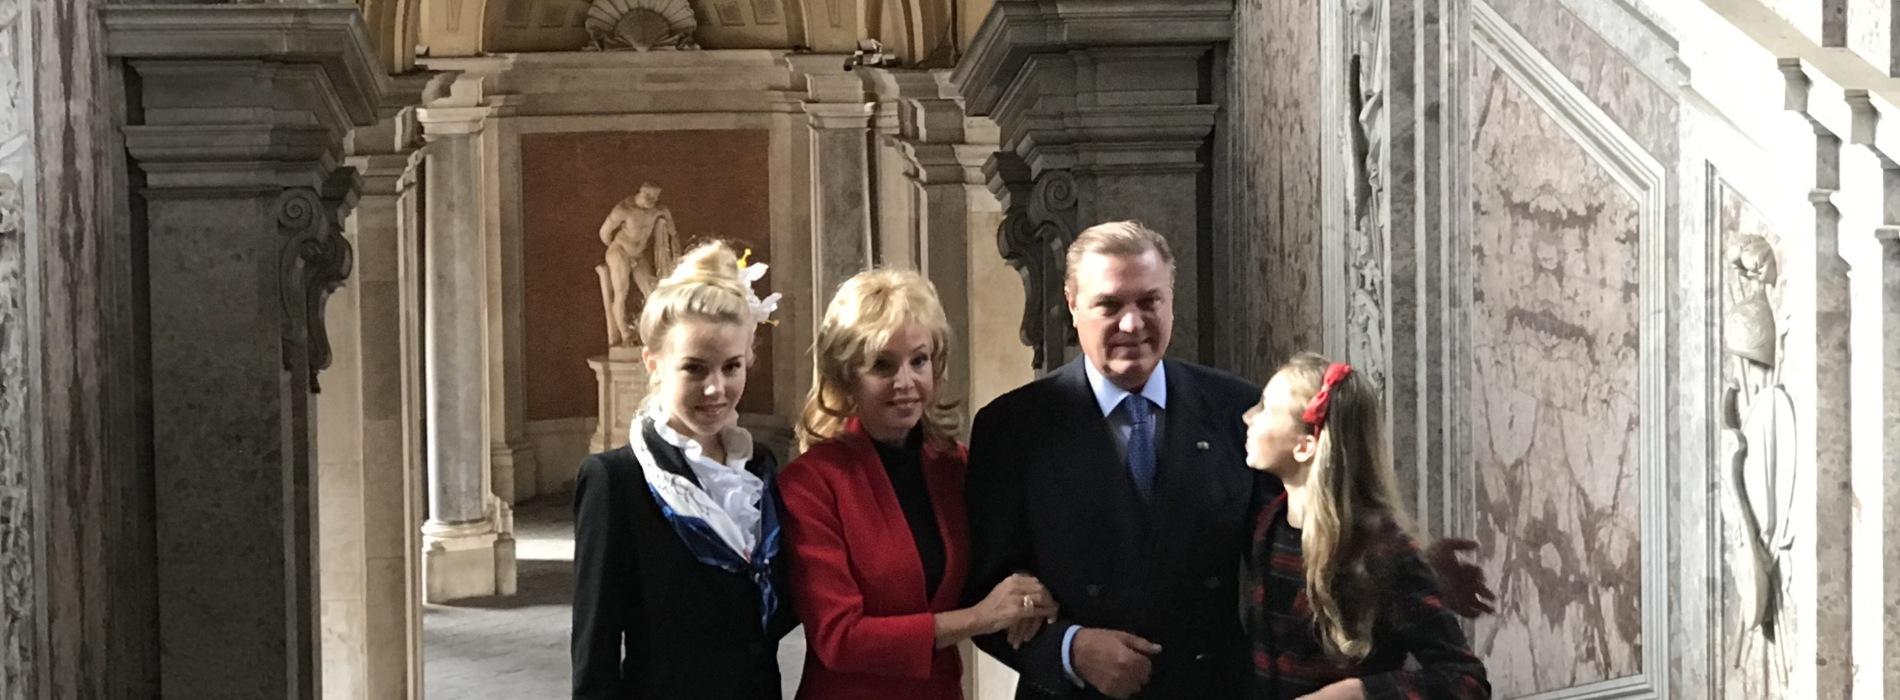 Carlo e Camilla di Borbone a Caserta, nei loro cuori la Reggia